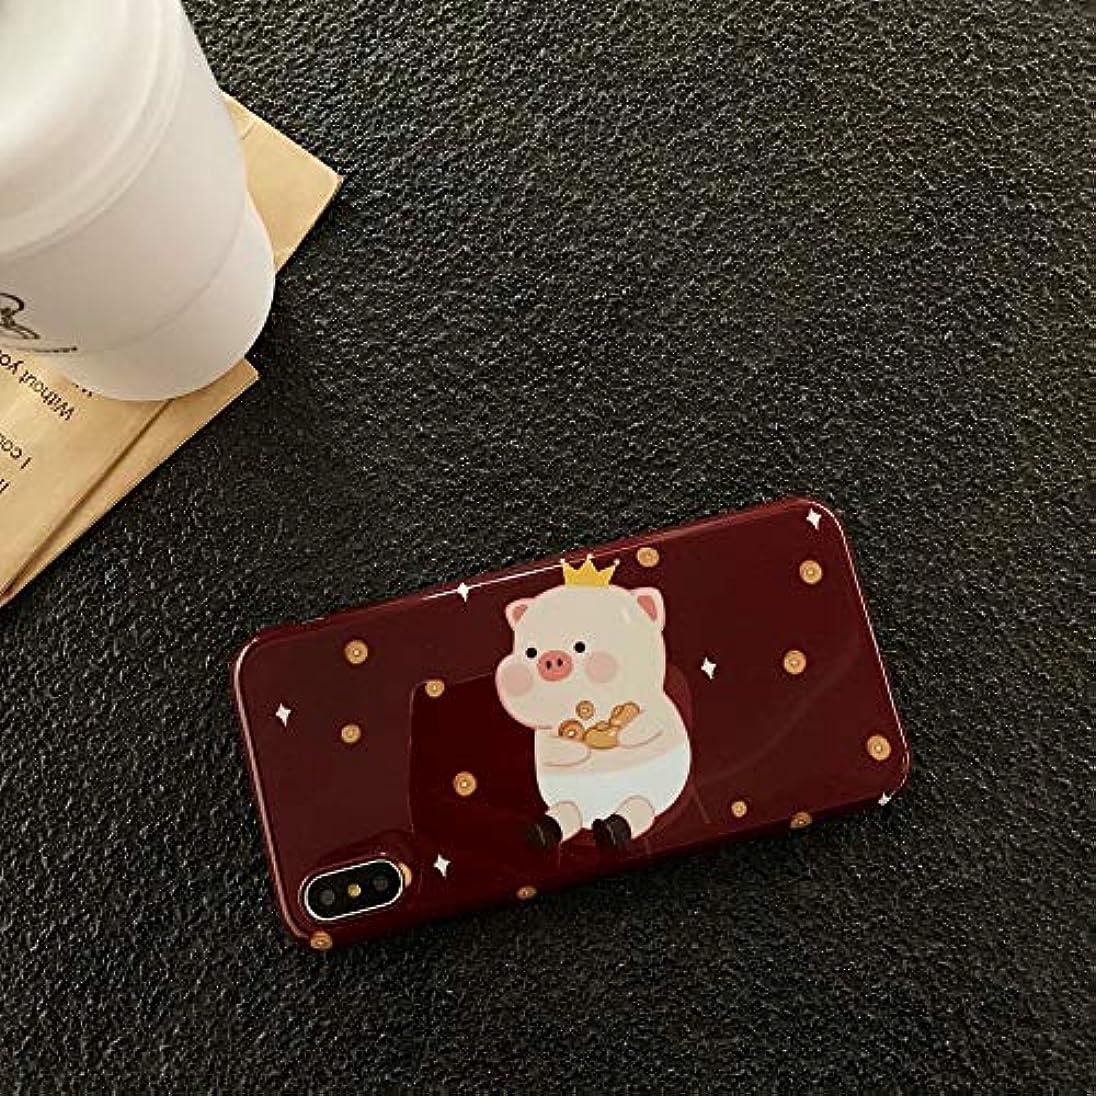 ブロー許容できる感謝するiPhone ケース レディース メンズ 携帯ケース iPhone7/8/7Plus/8Plus,iPhone X/XR,iPhoneXS/XS MAX (iPhone7 ケース)